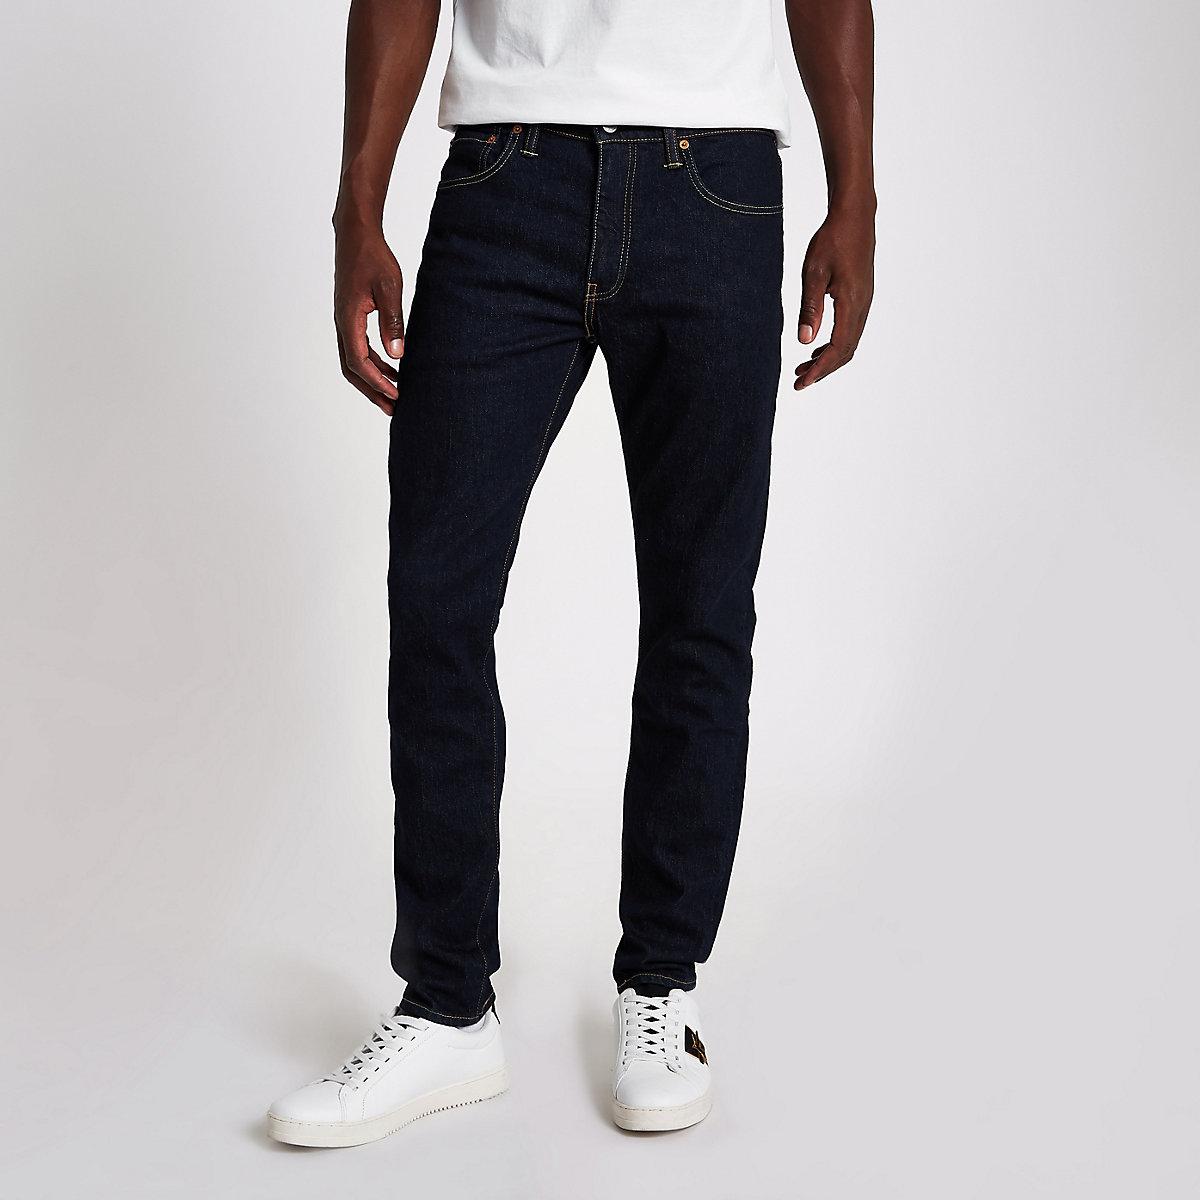 Levi's blue denim 512 slim taper fit jeans